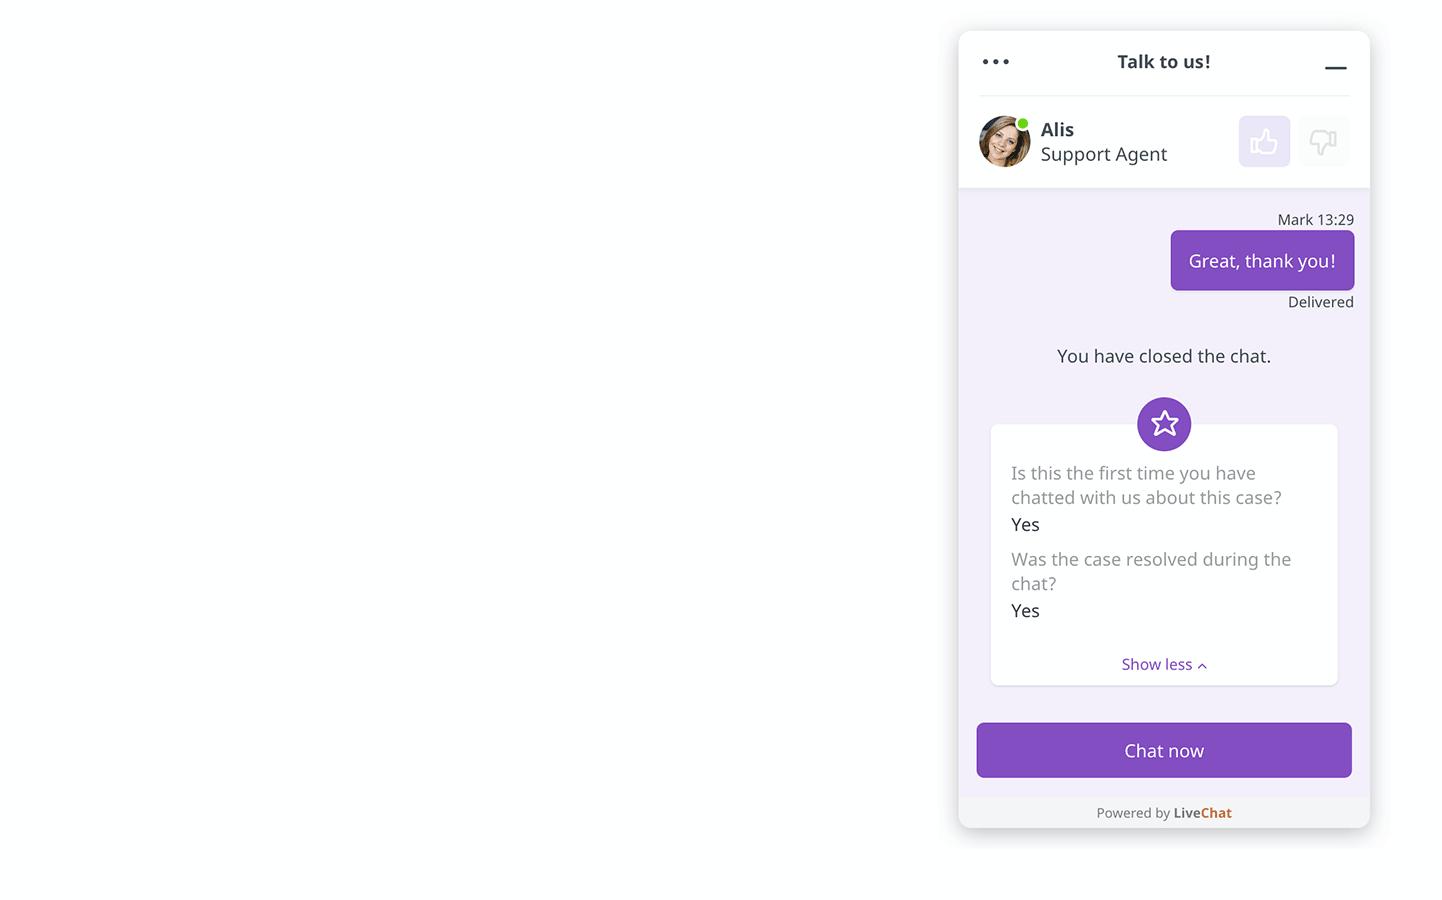 LiveChat chat widget surveys